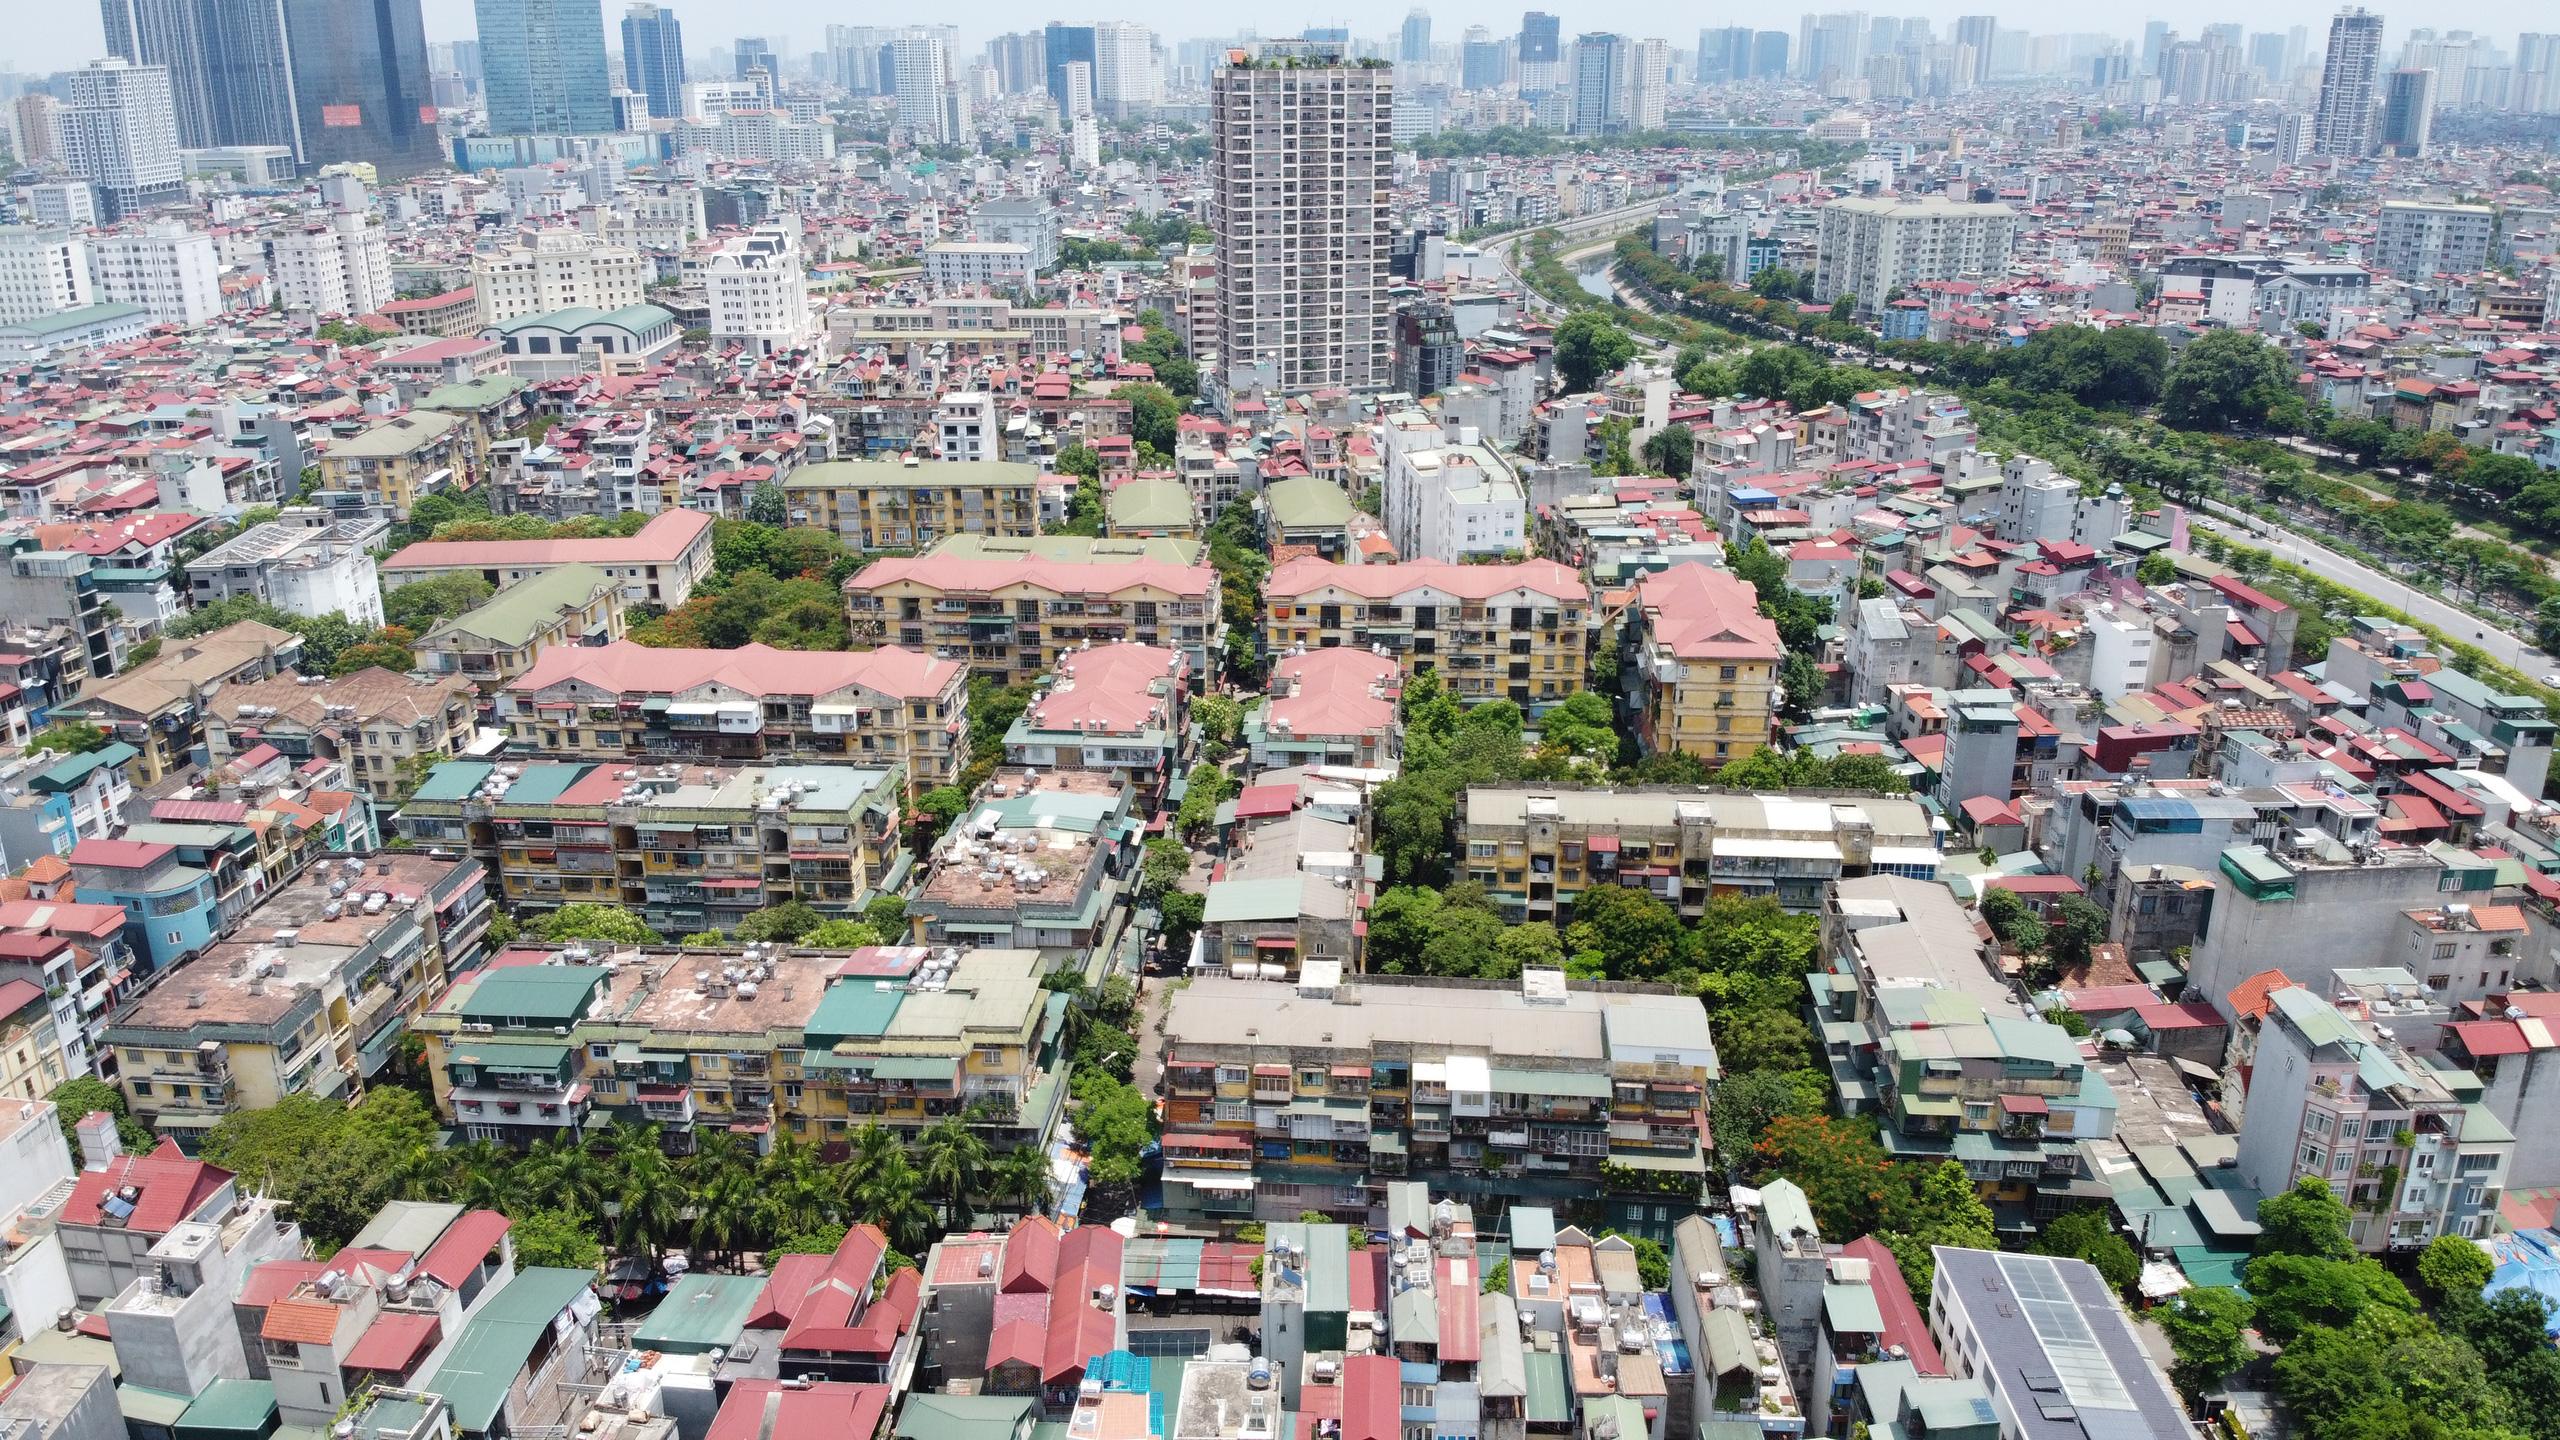 Nghiên cứu khung cơ chế chính sách xây dựng lại chung cư cũ ở Hà Nội - Ảnh 1.